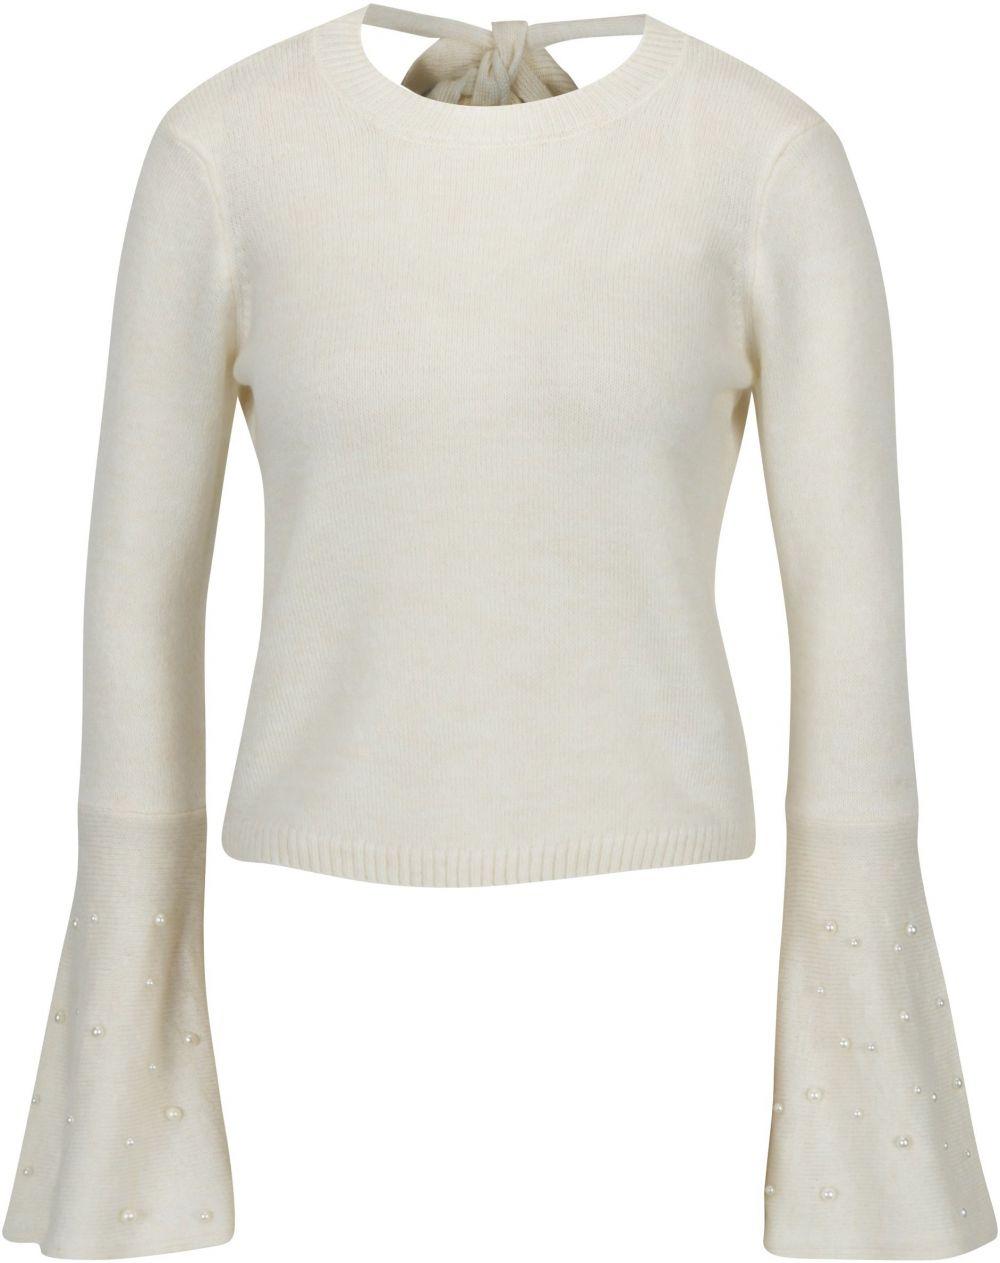 b78c6d73009e Krémový krátky sveter so zvonovými rukávmi a odhaleným chrbtom Miss  Selfridge